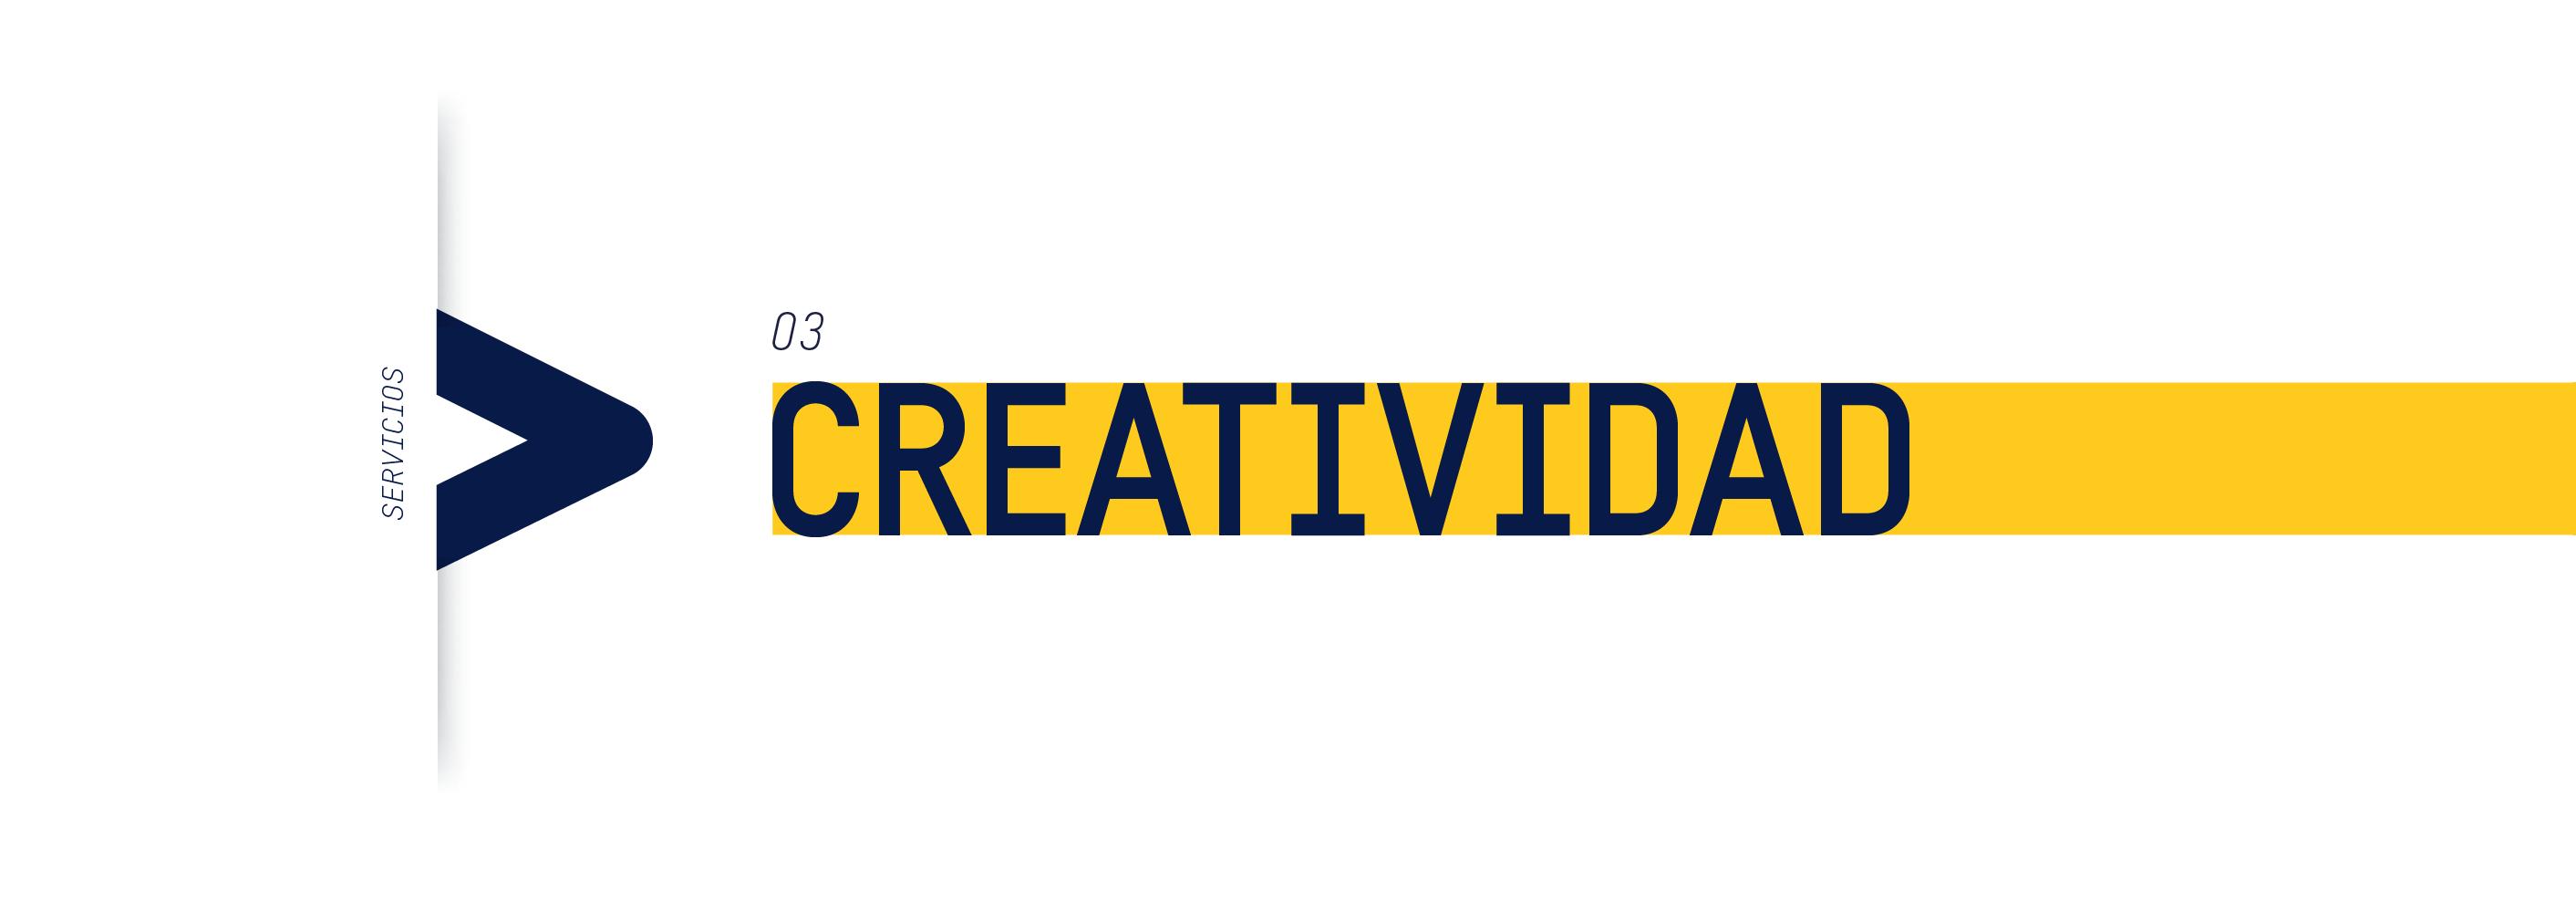 Cyma Comunicación Servicios: Creatividad